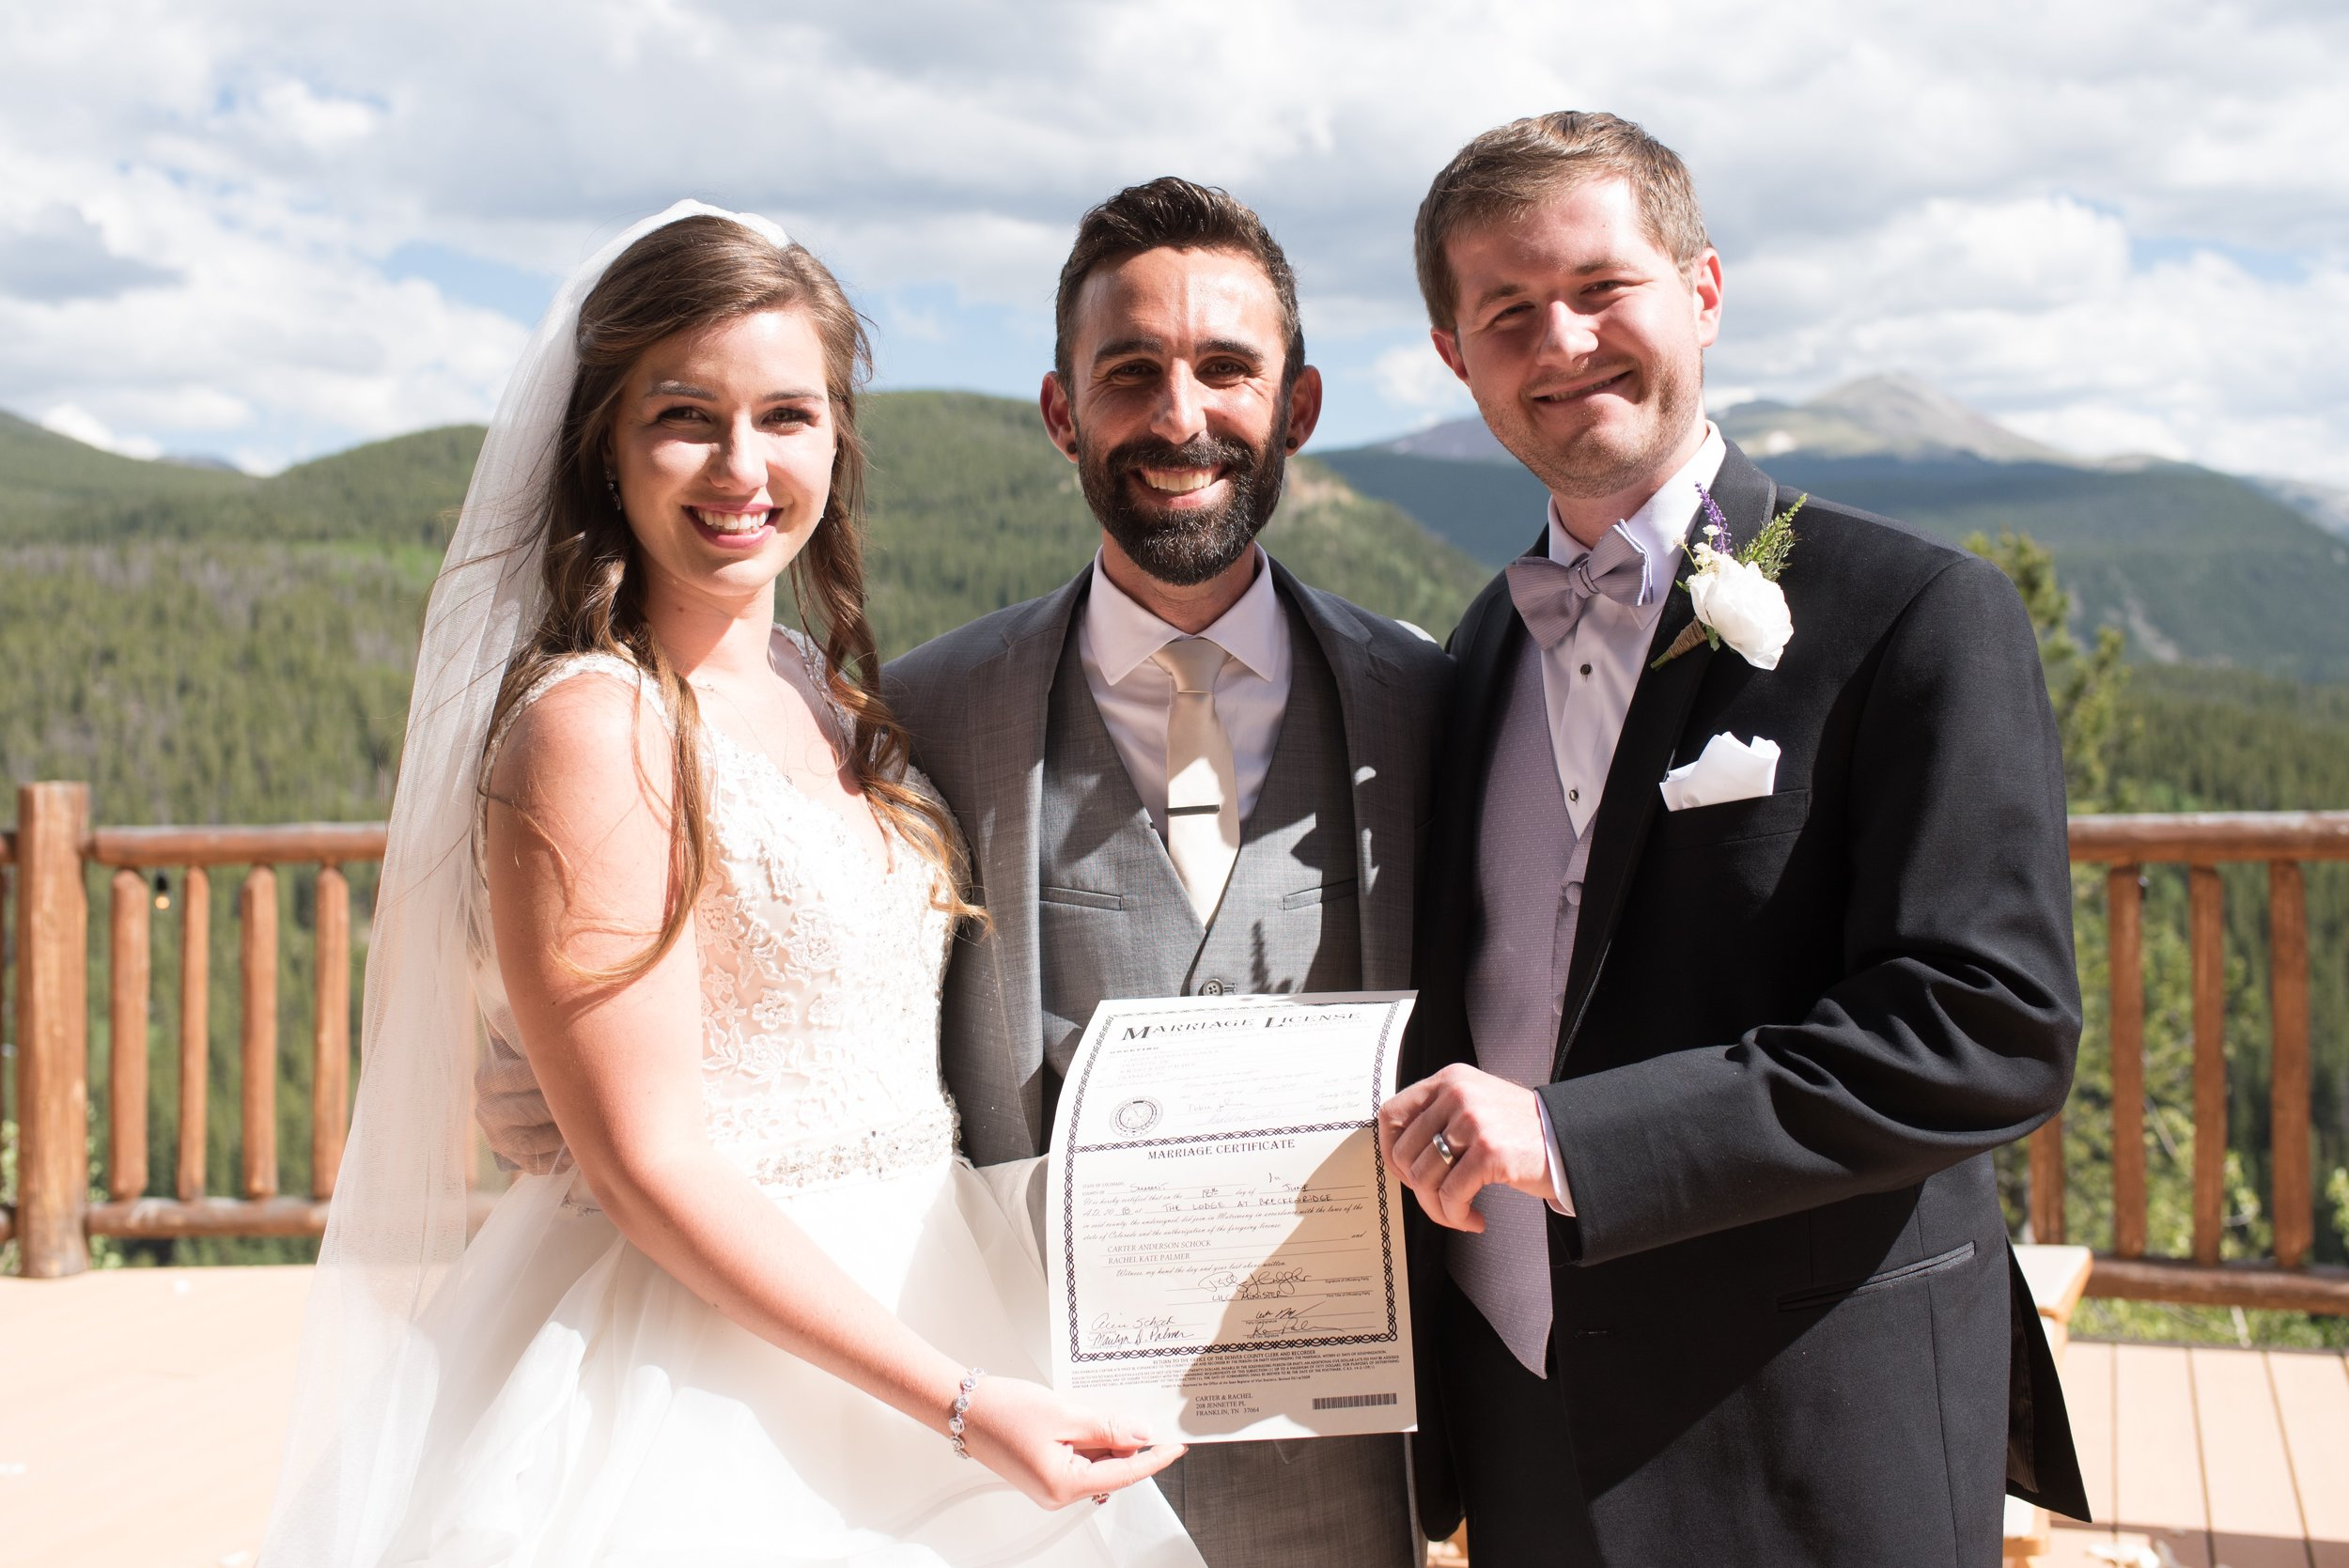 Breckenridge Destination Wedding